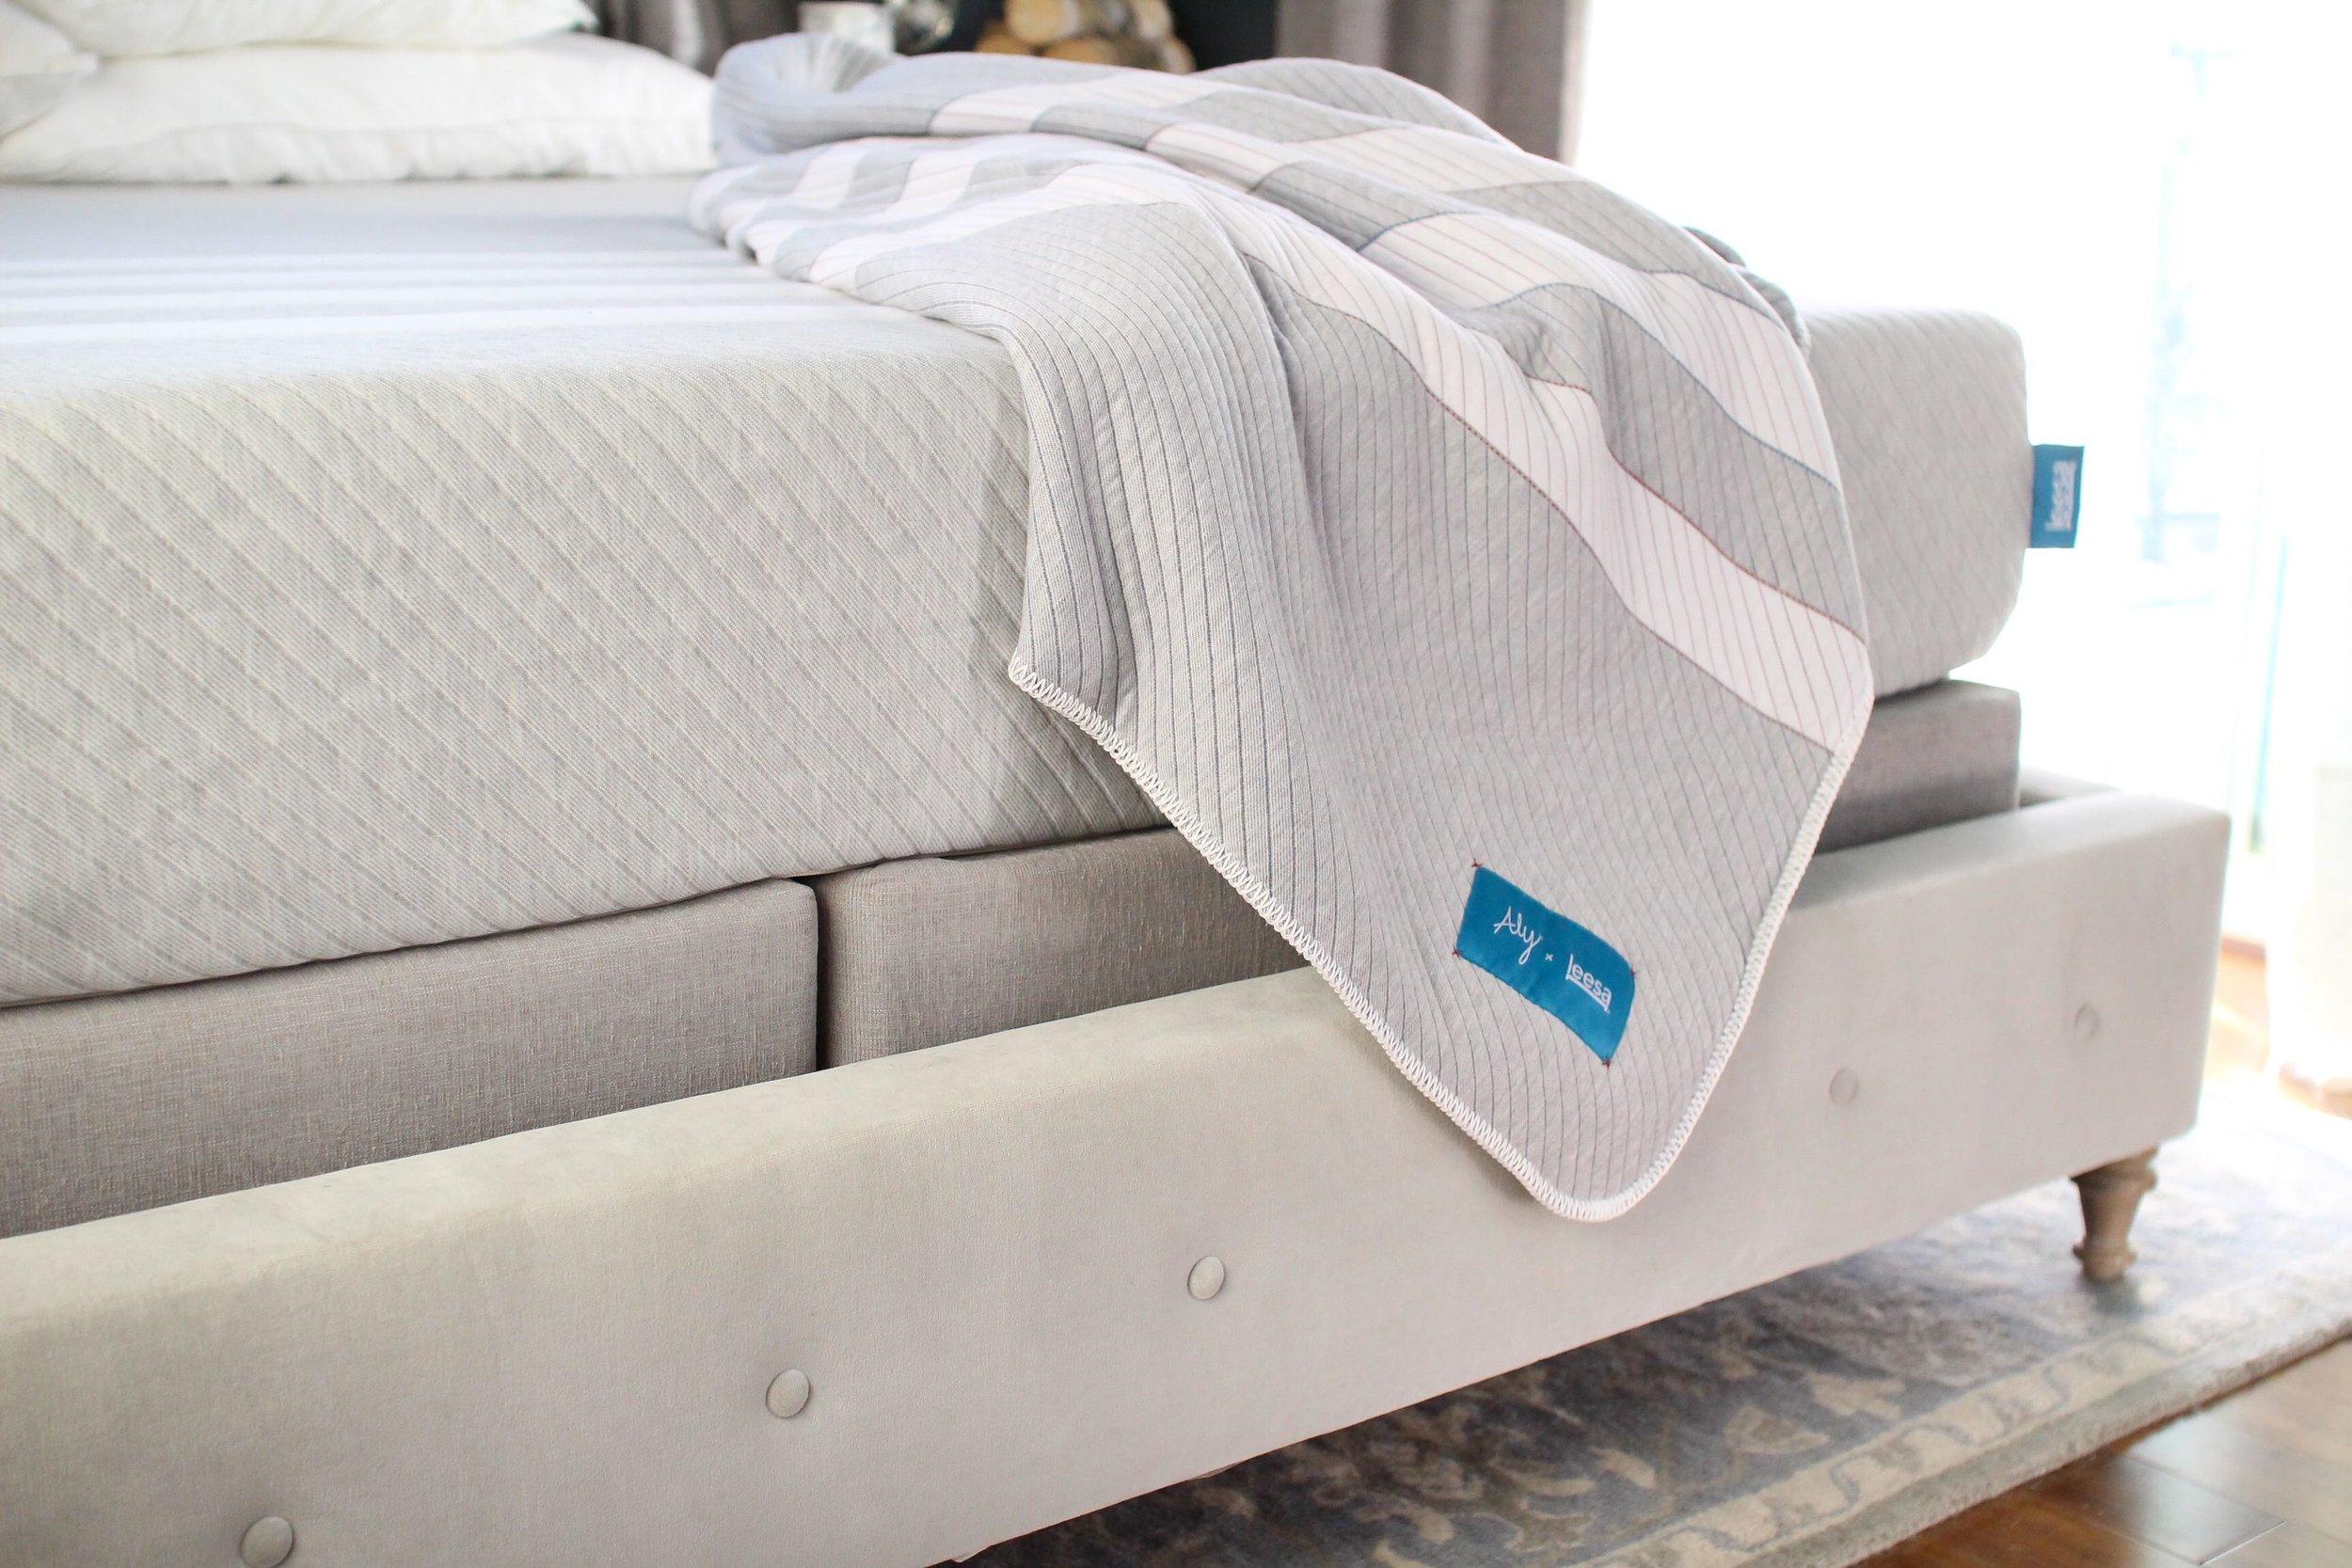 leesa-mattress-review